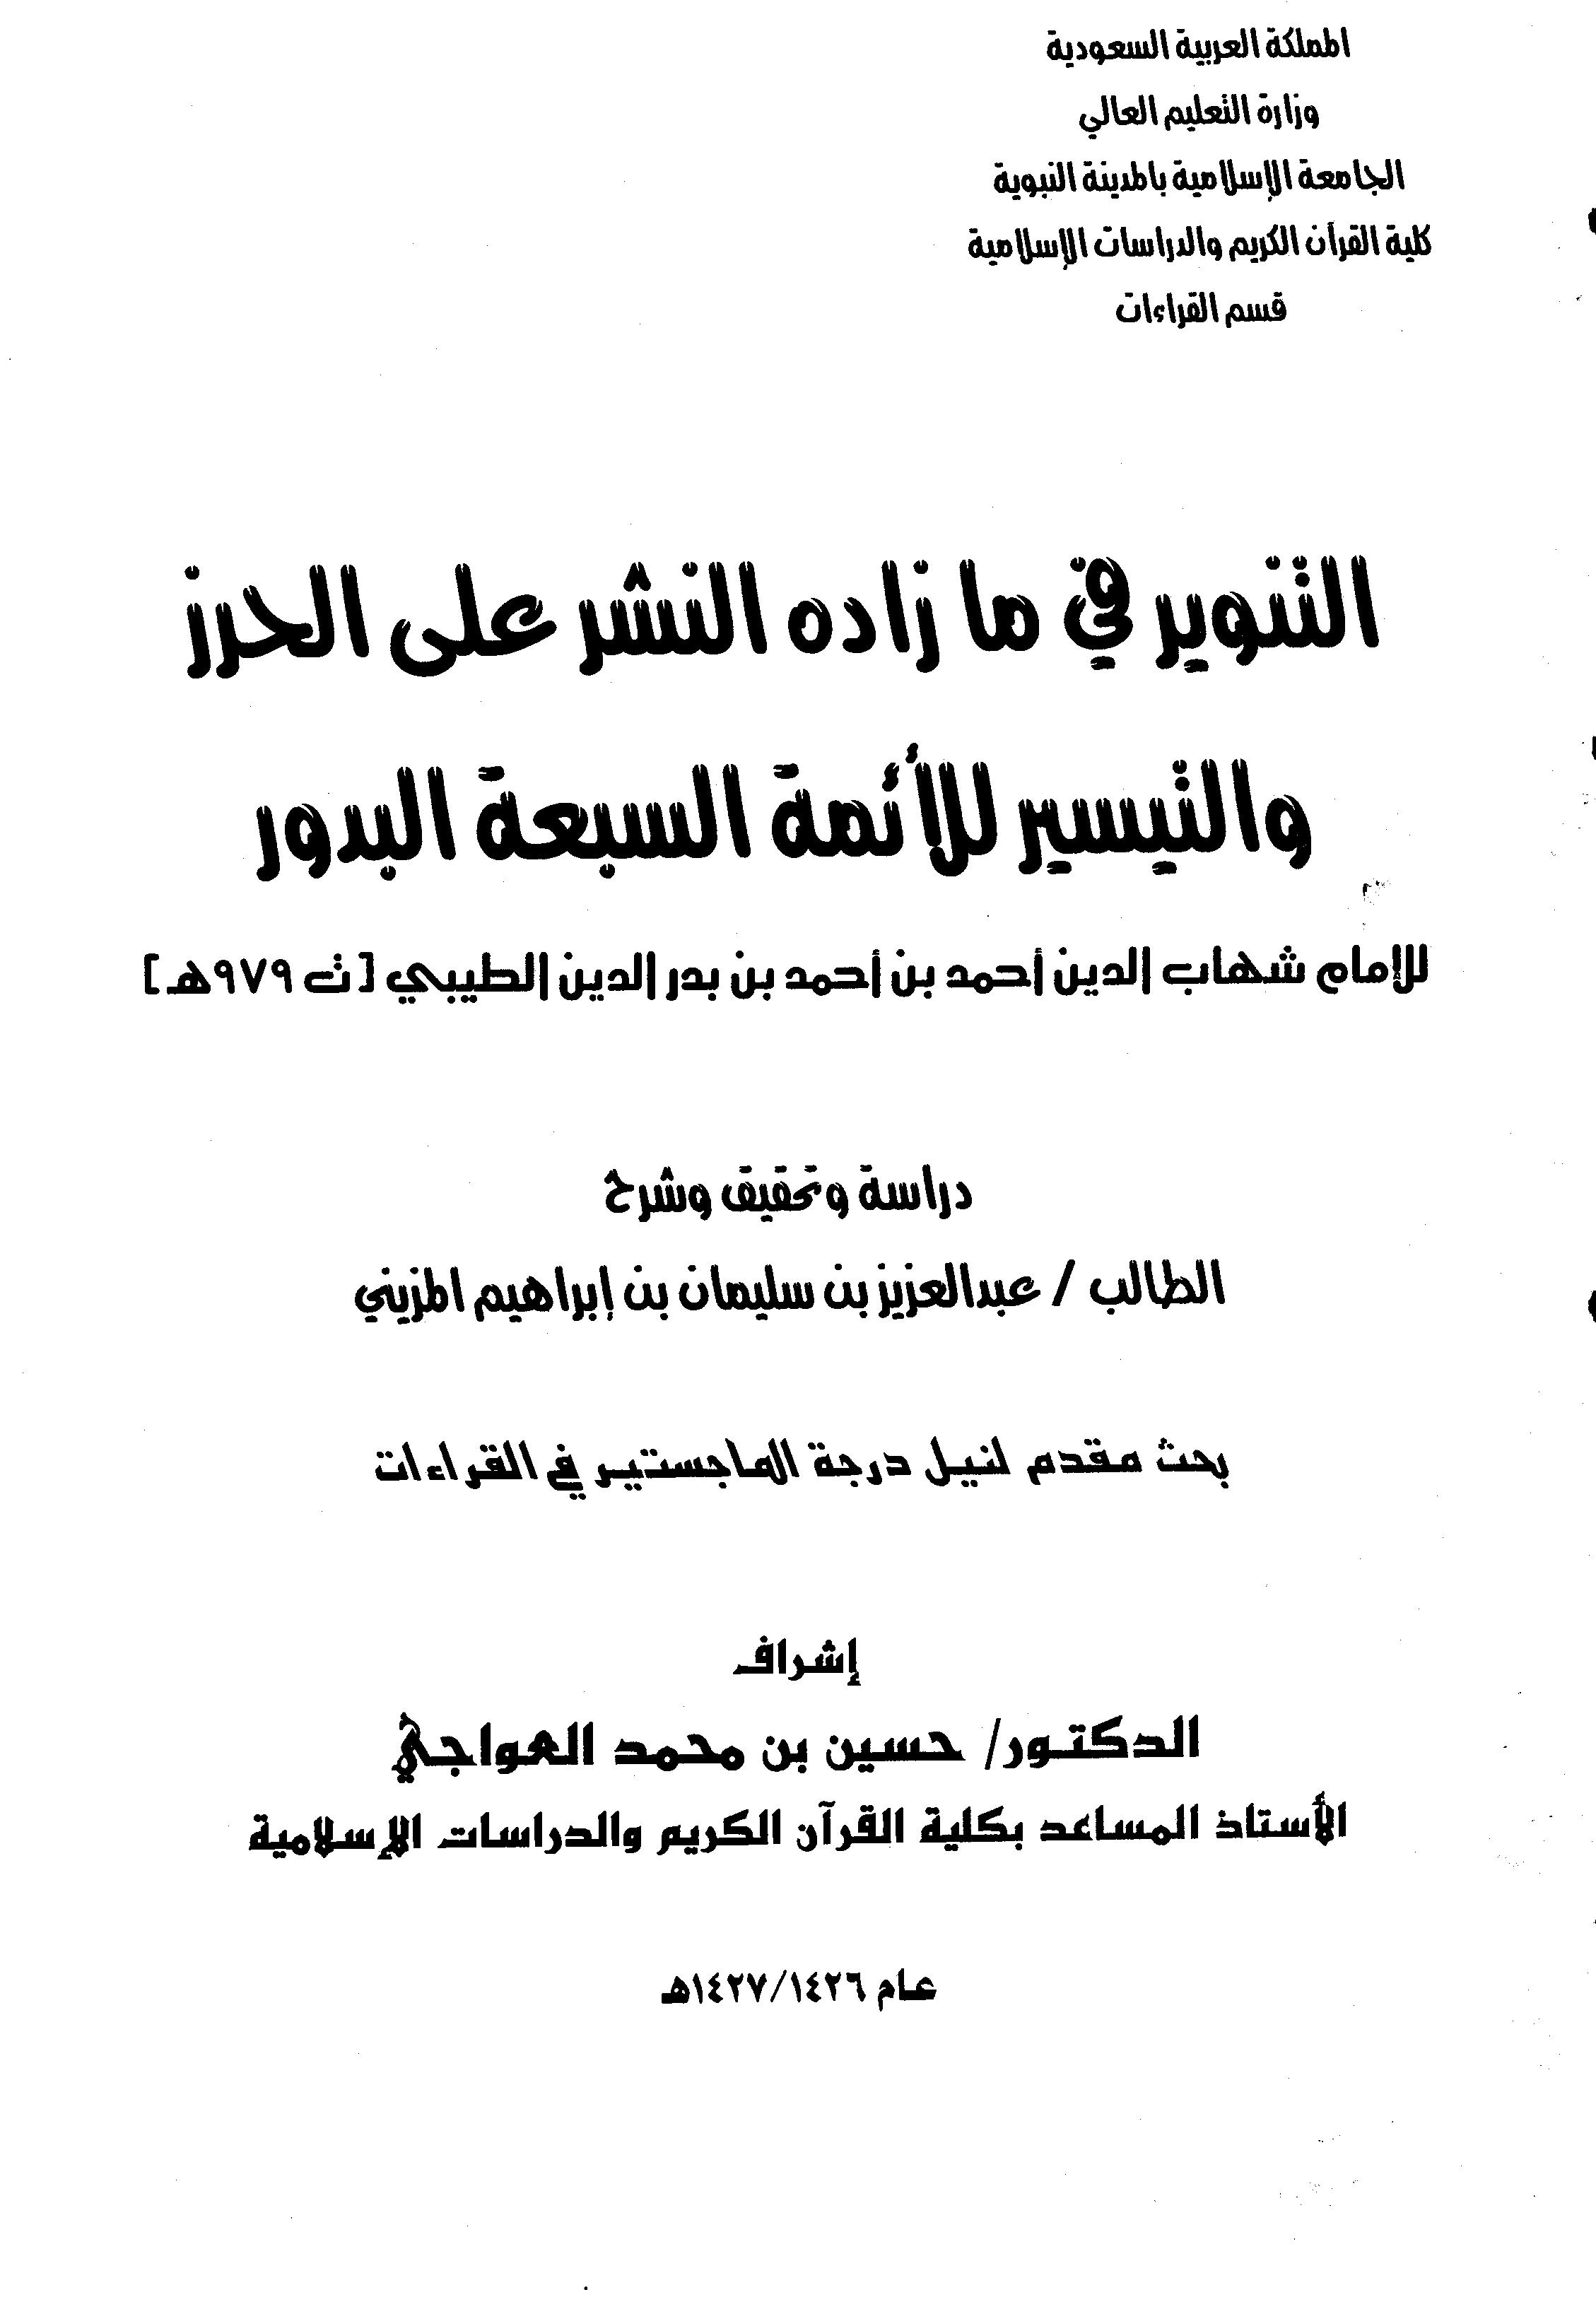 تحميل كتاب التنوير فيما زاده النشر على الحرز والتيسير للأئمة السبعة البدور لـِ: الإمام شهاب الدين أحمد بن أحمد بن بدر الدين الطيبي (ت 979)